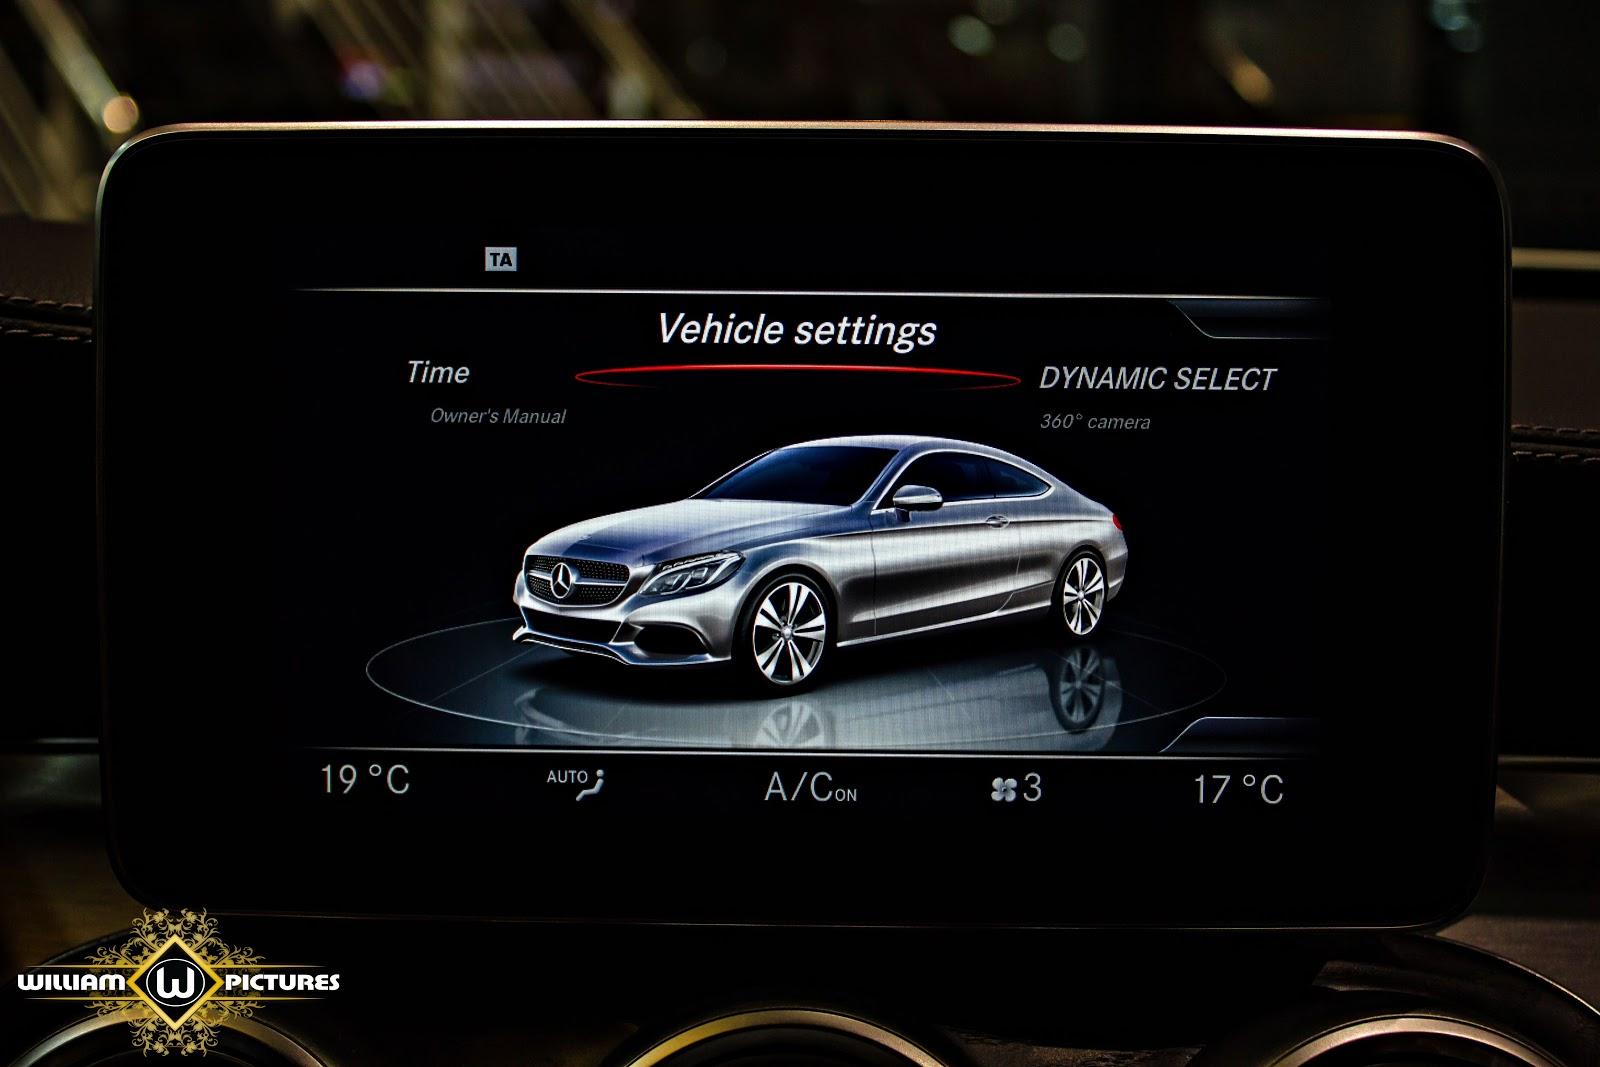 Xe được trang bị màn hình hiển thị cỡ lớn, hiển thị đa thông tin và giải trí đỉnh cao